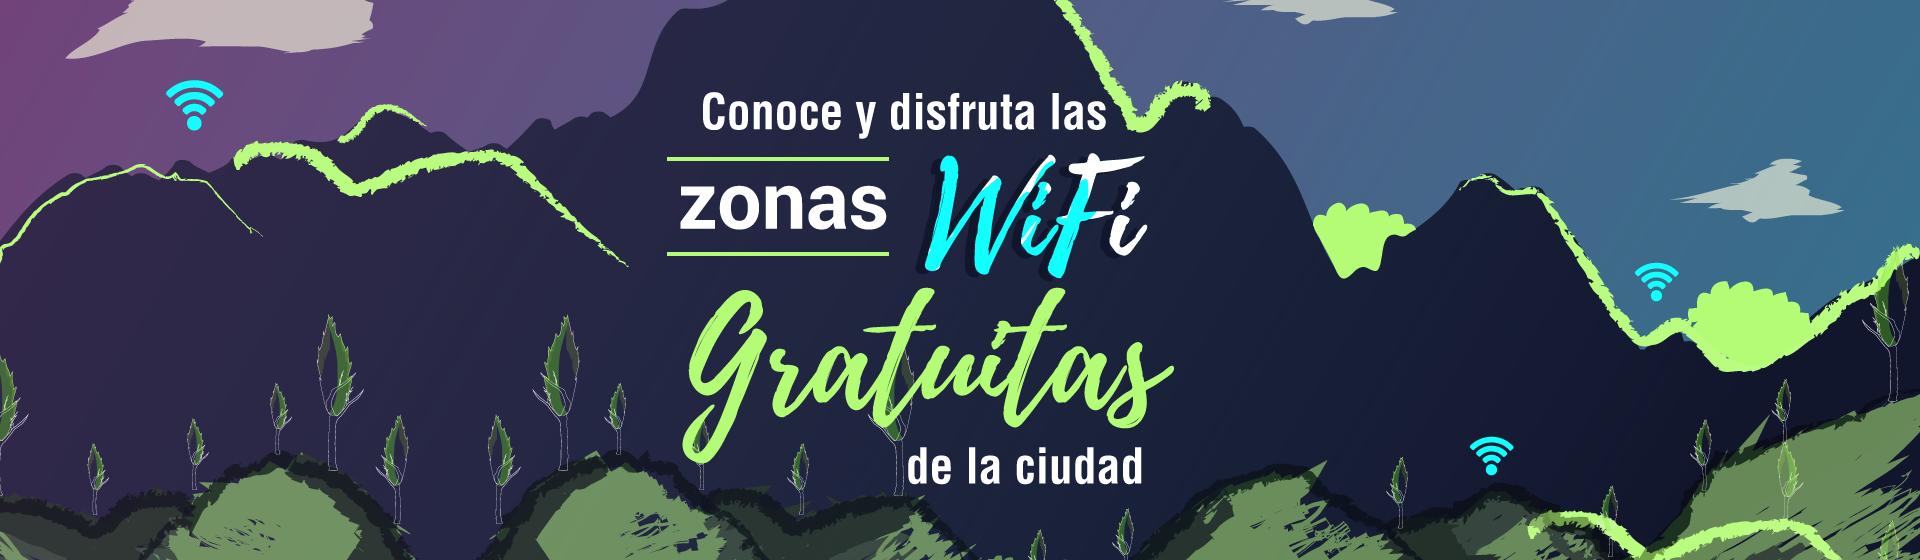 Zonas WIFI gratuitas de la ciudad